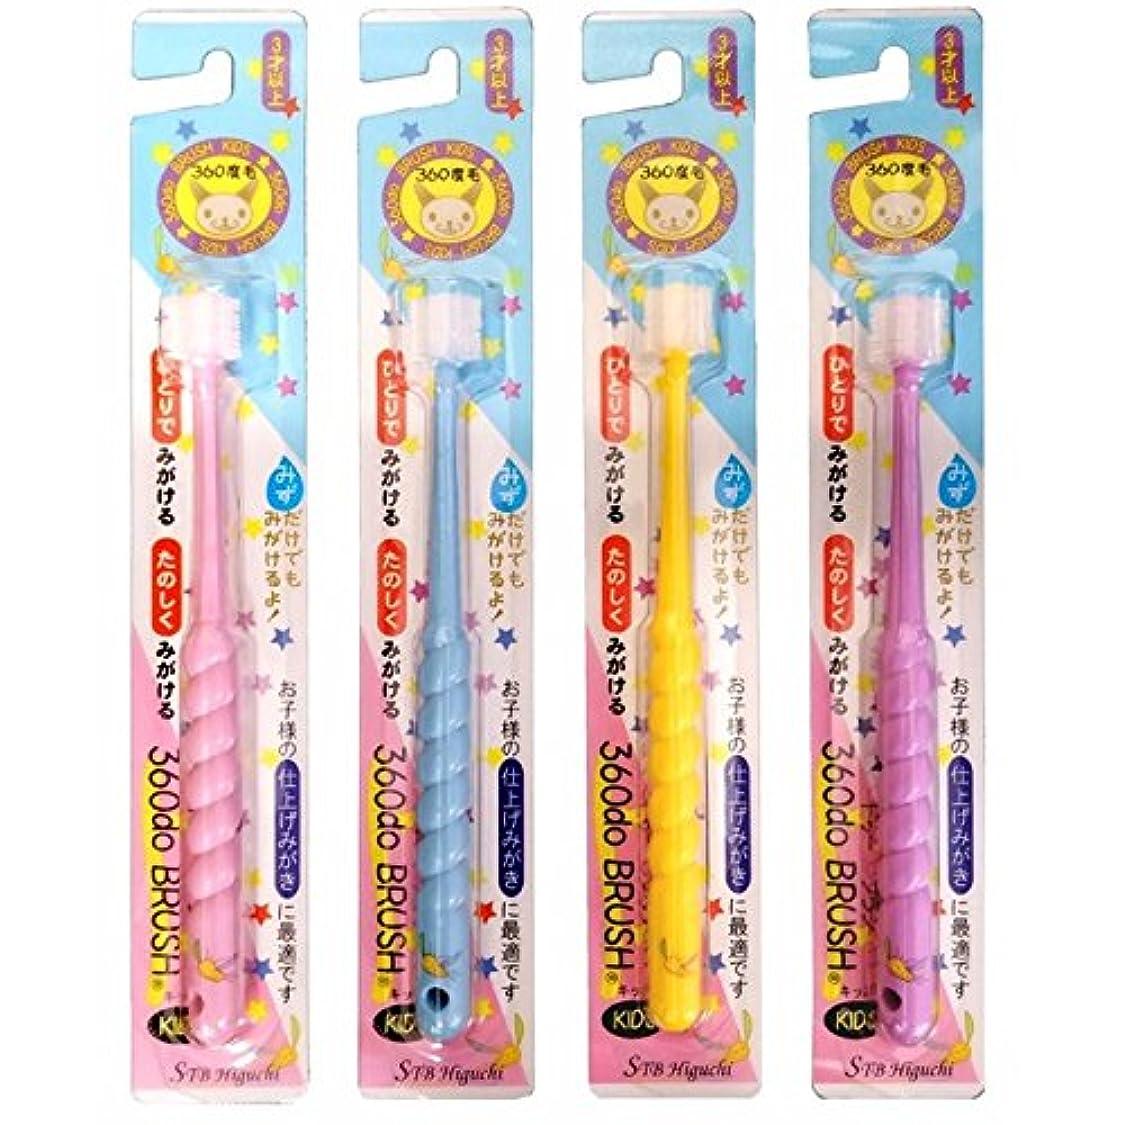 文明アメリカ保証する360度歯ブラシ 360do BRUSH キッズ(カラーはおまかせ) 10本セット